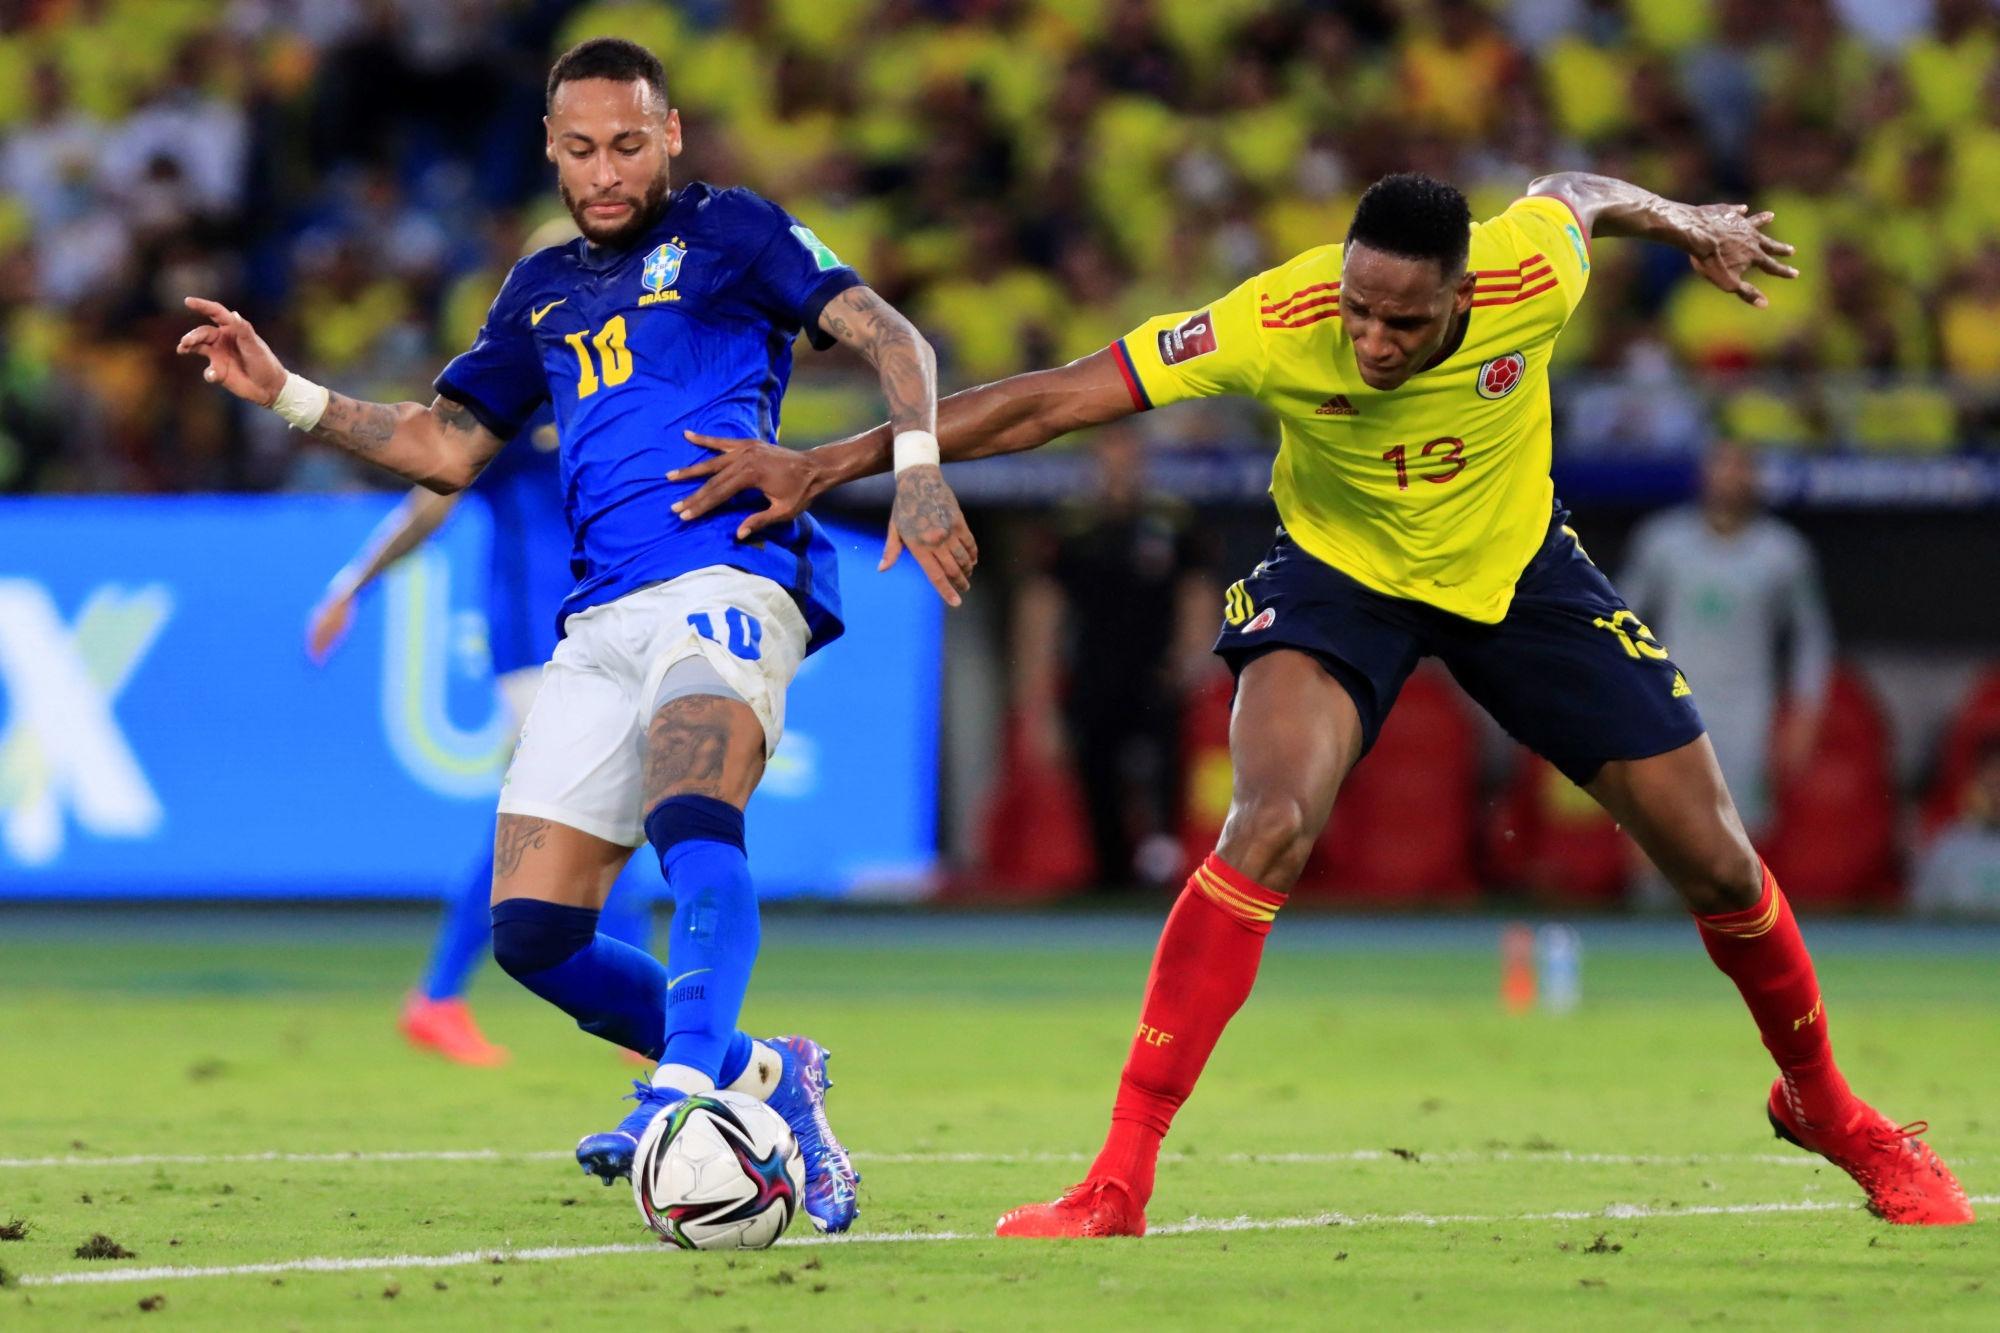 Colombie/Brésil - Neymar irrégulier, Marquinhos solide lors du match nul